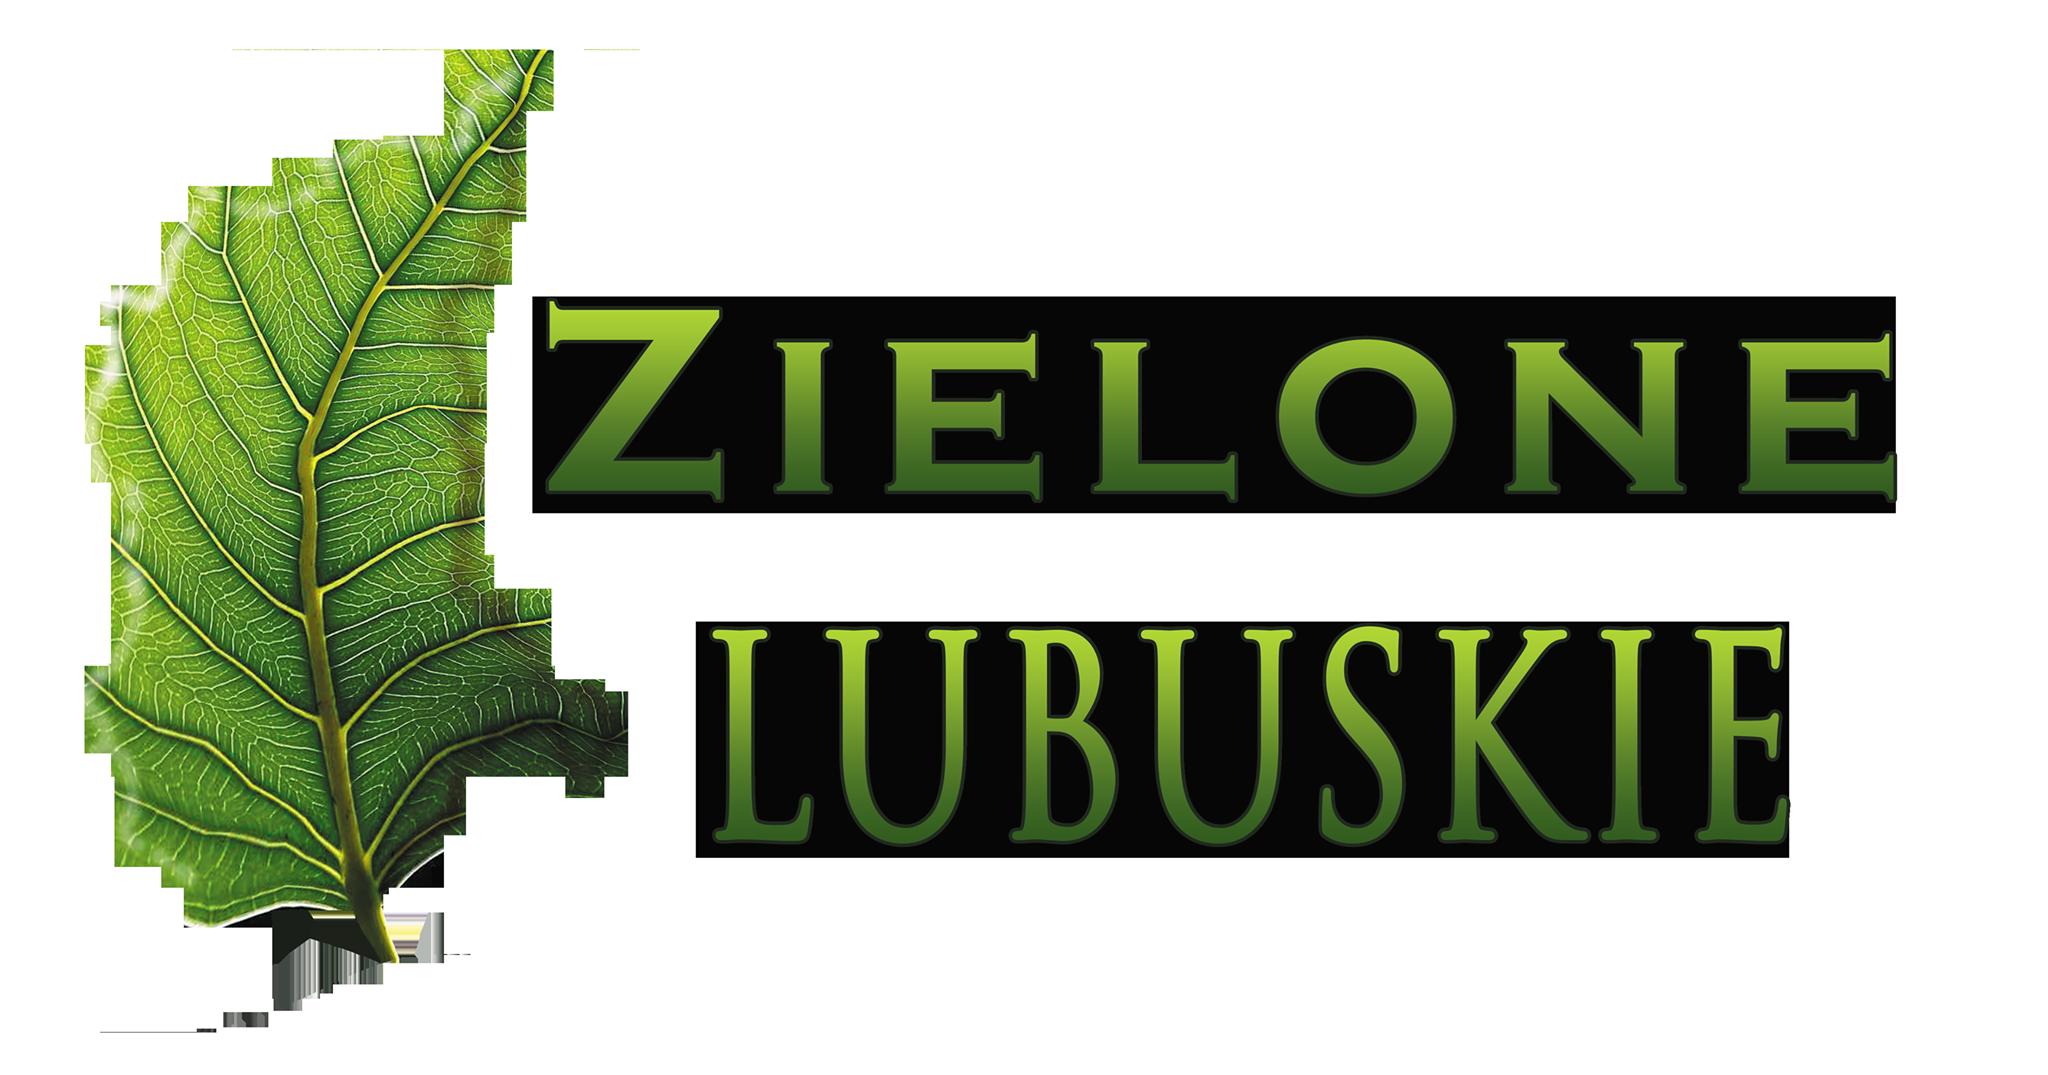 Zielone Lubuskie -